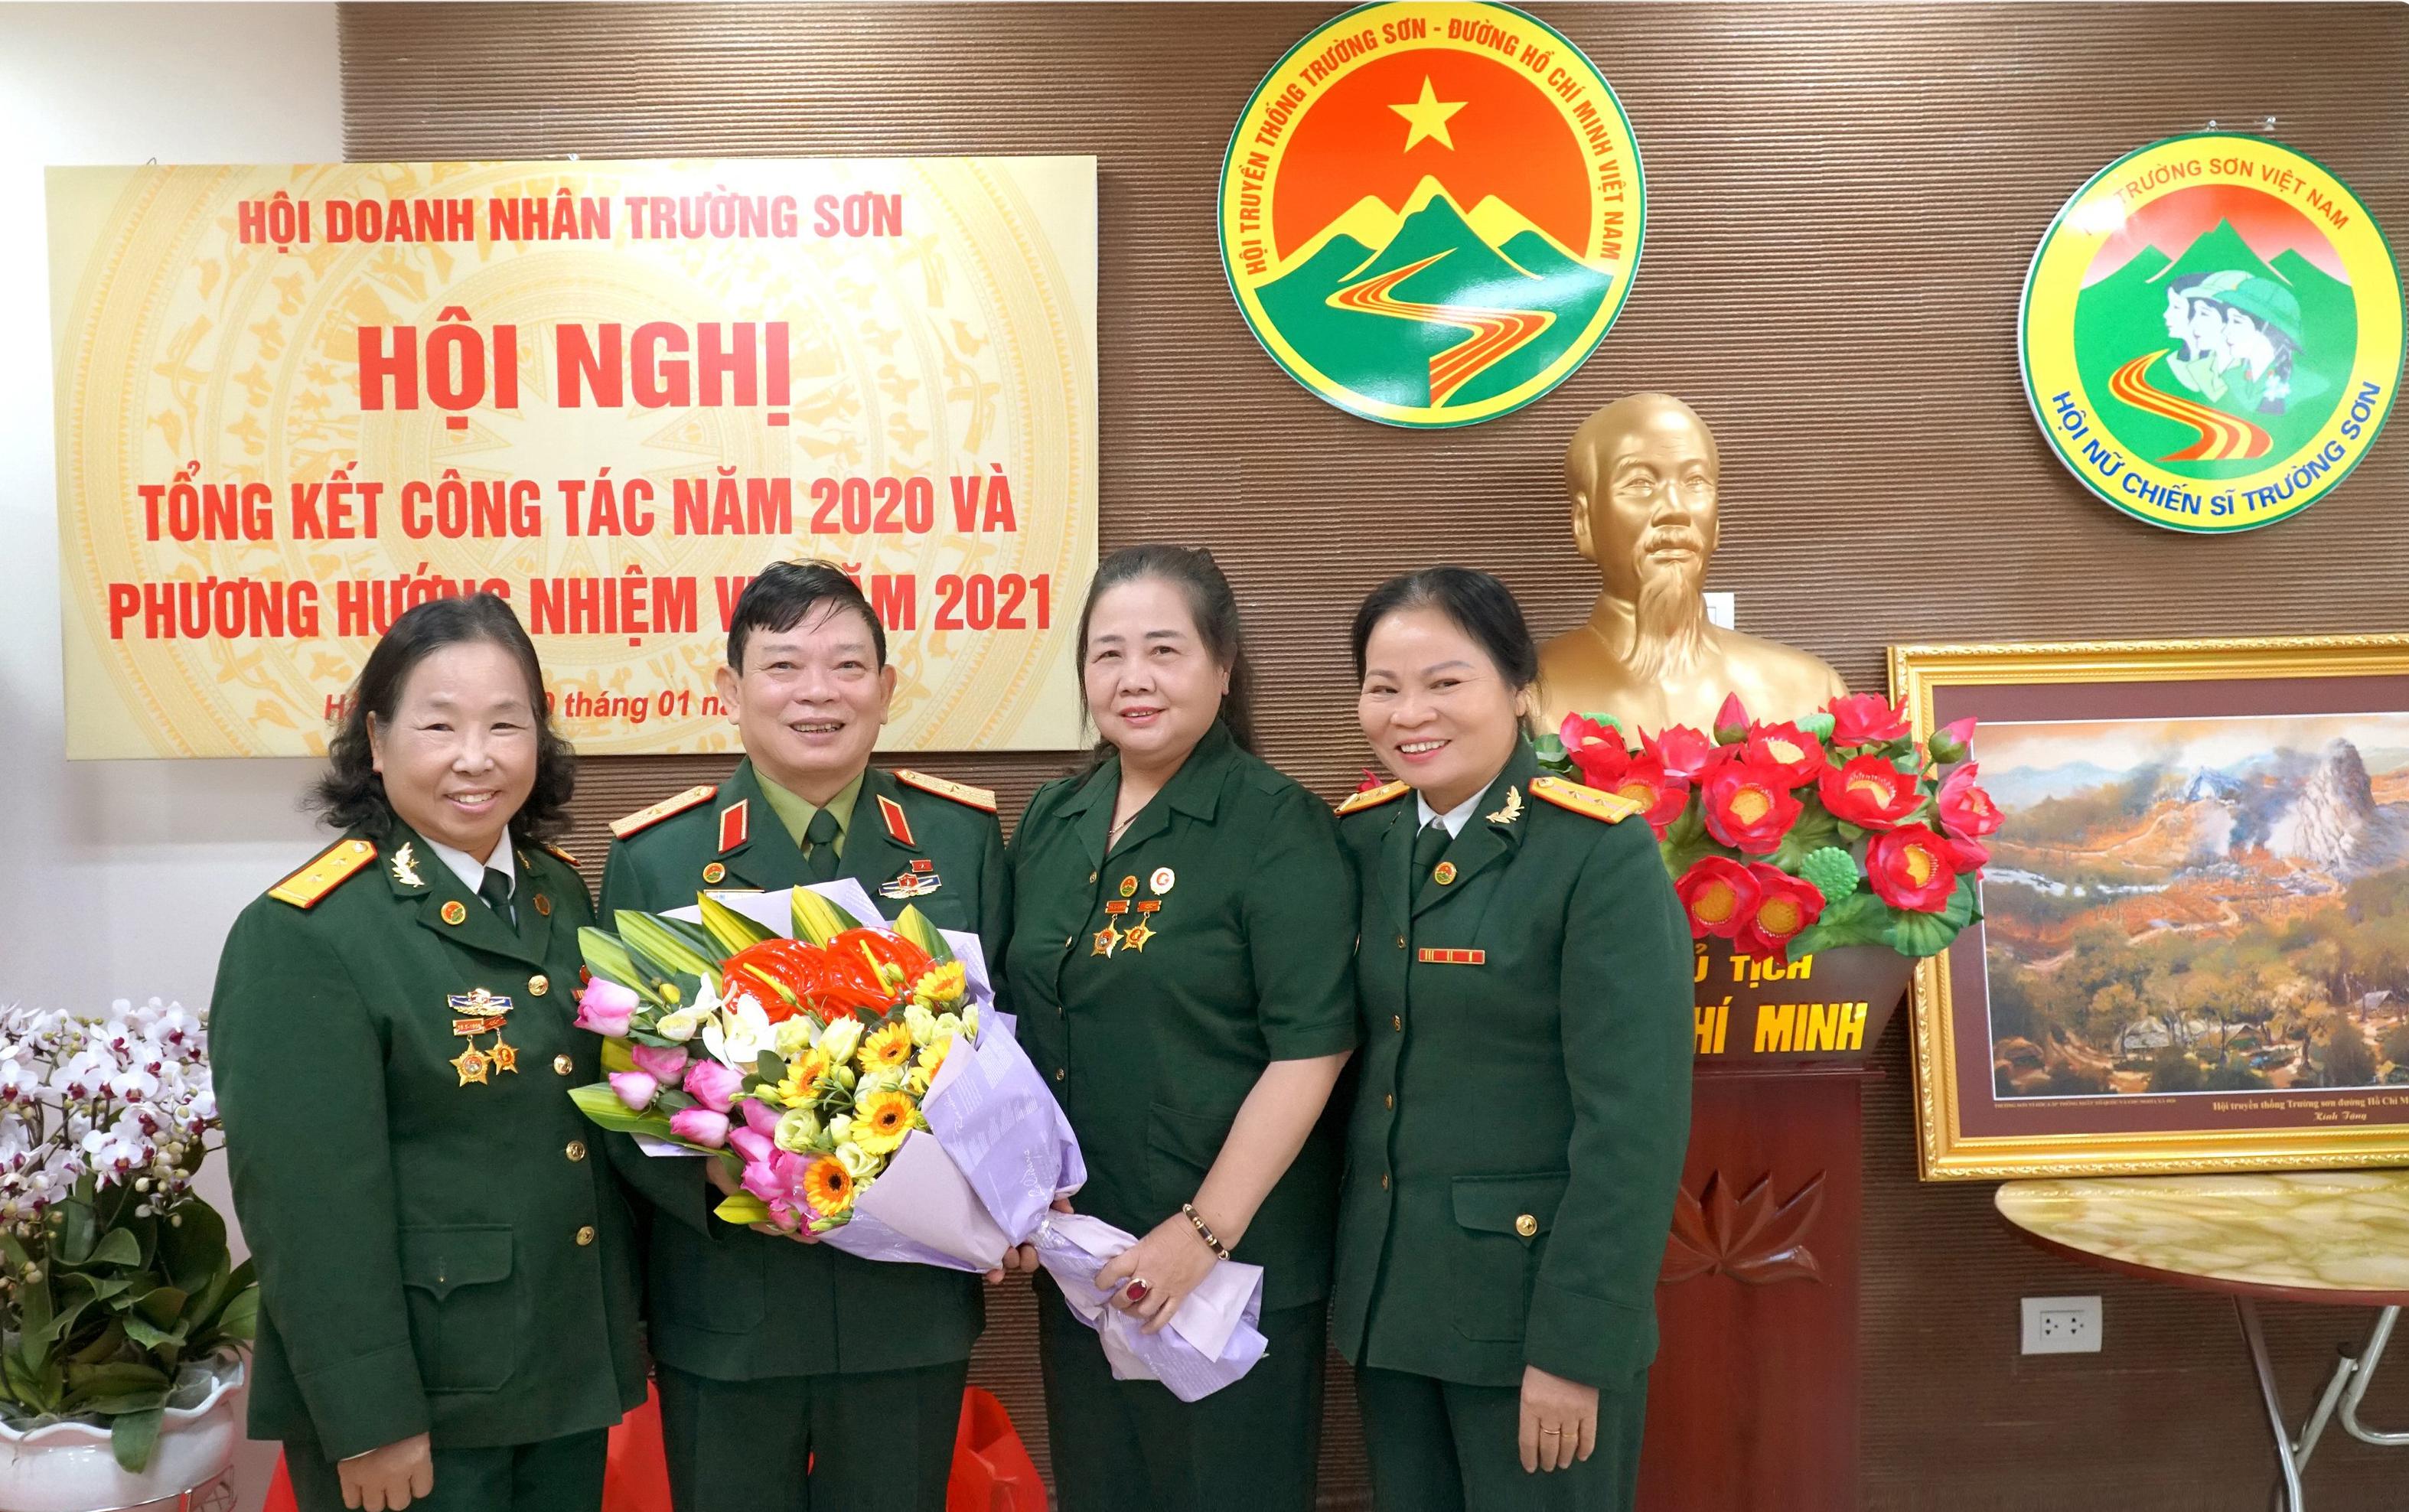 Nữ Chiến sỹ Trường Sơn Nguyễn Thị Thắm  nặng lòng với quê hương Quảng Trị